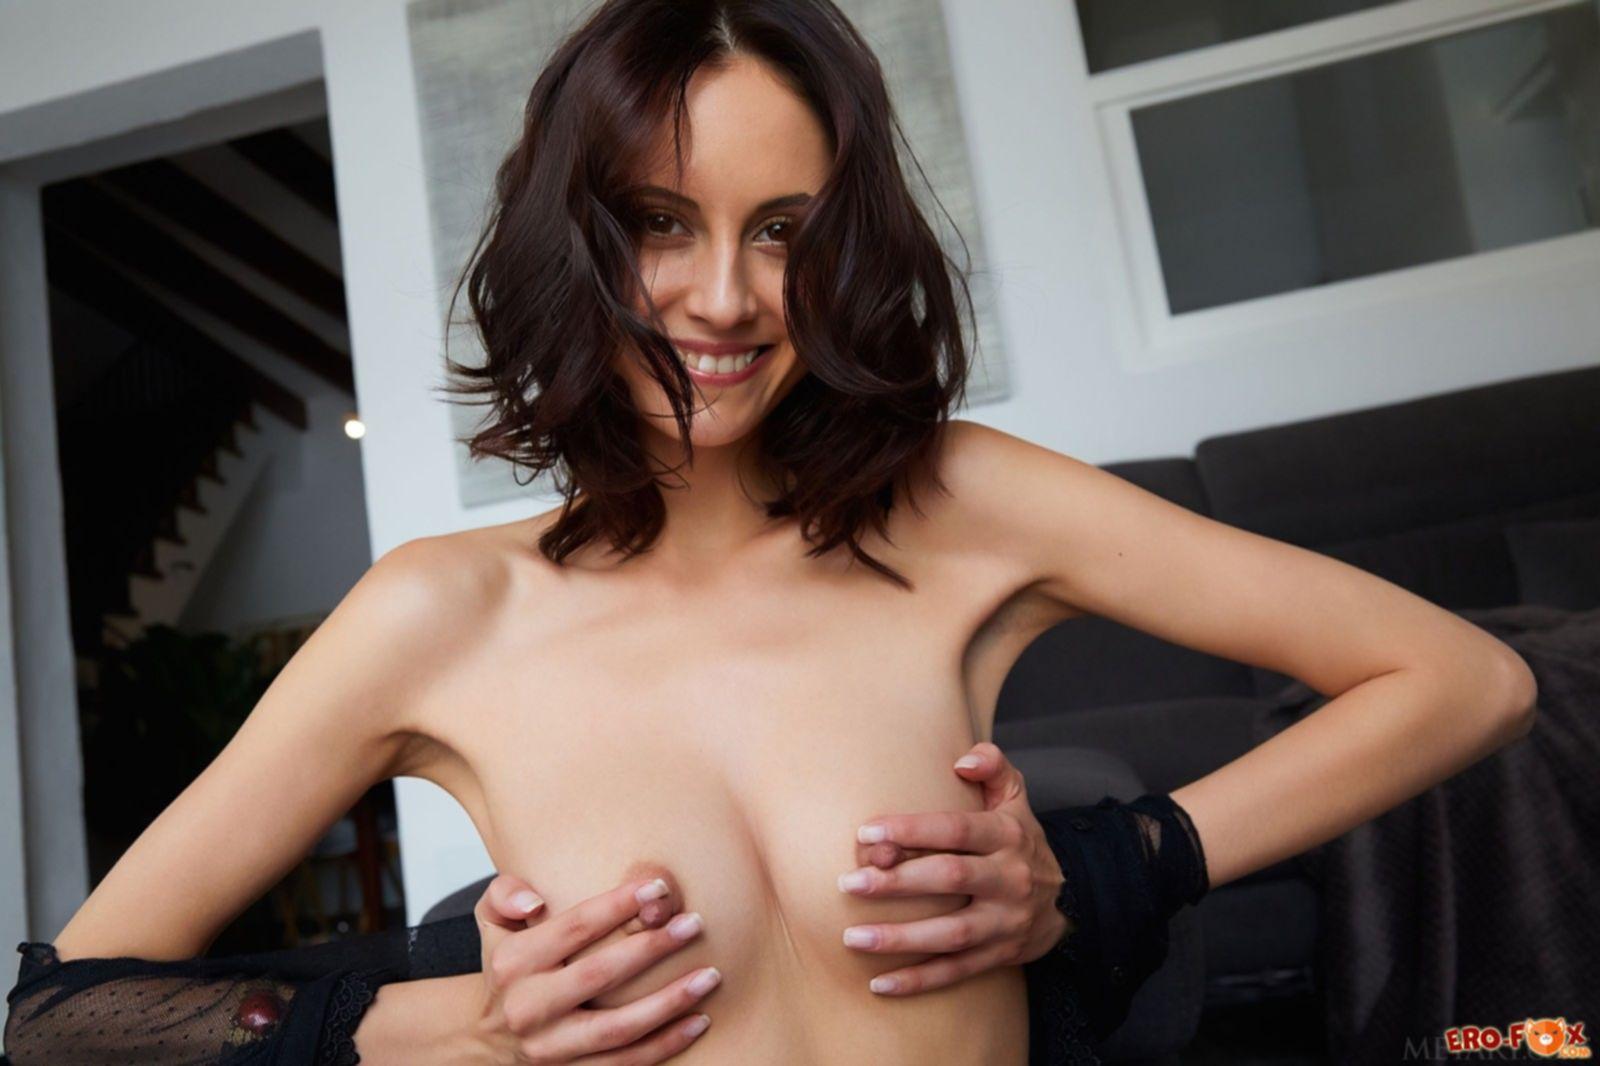 Милая брюнетка с красивыми сосками на голых титьках - фото